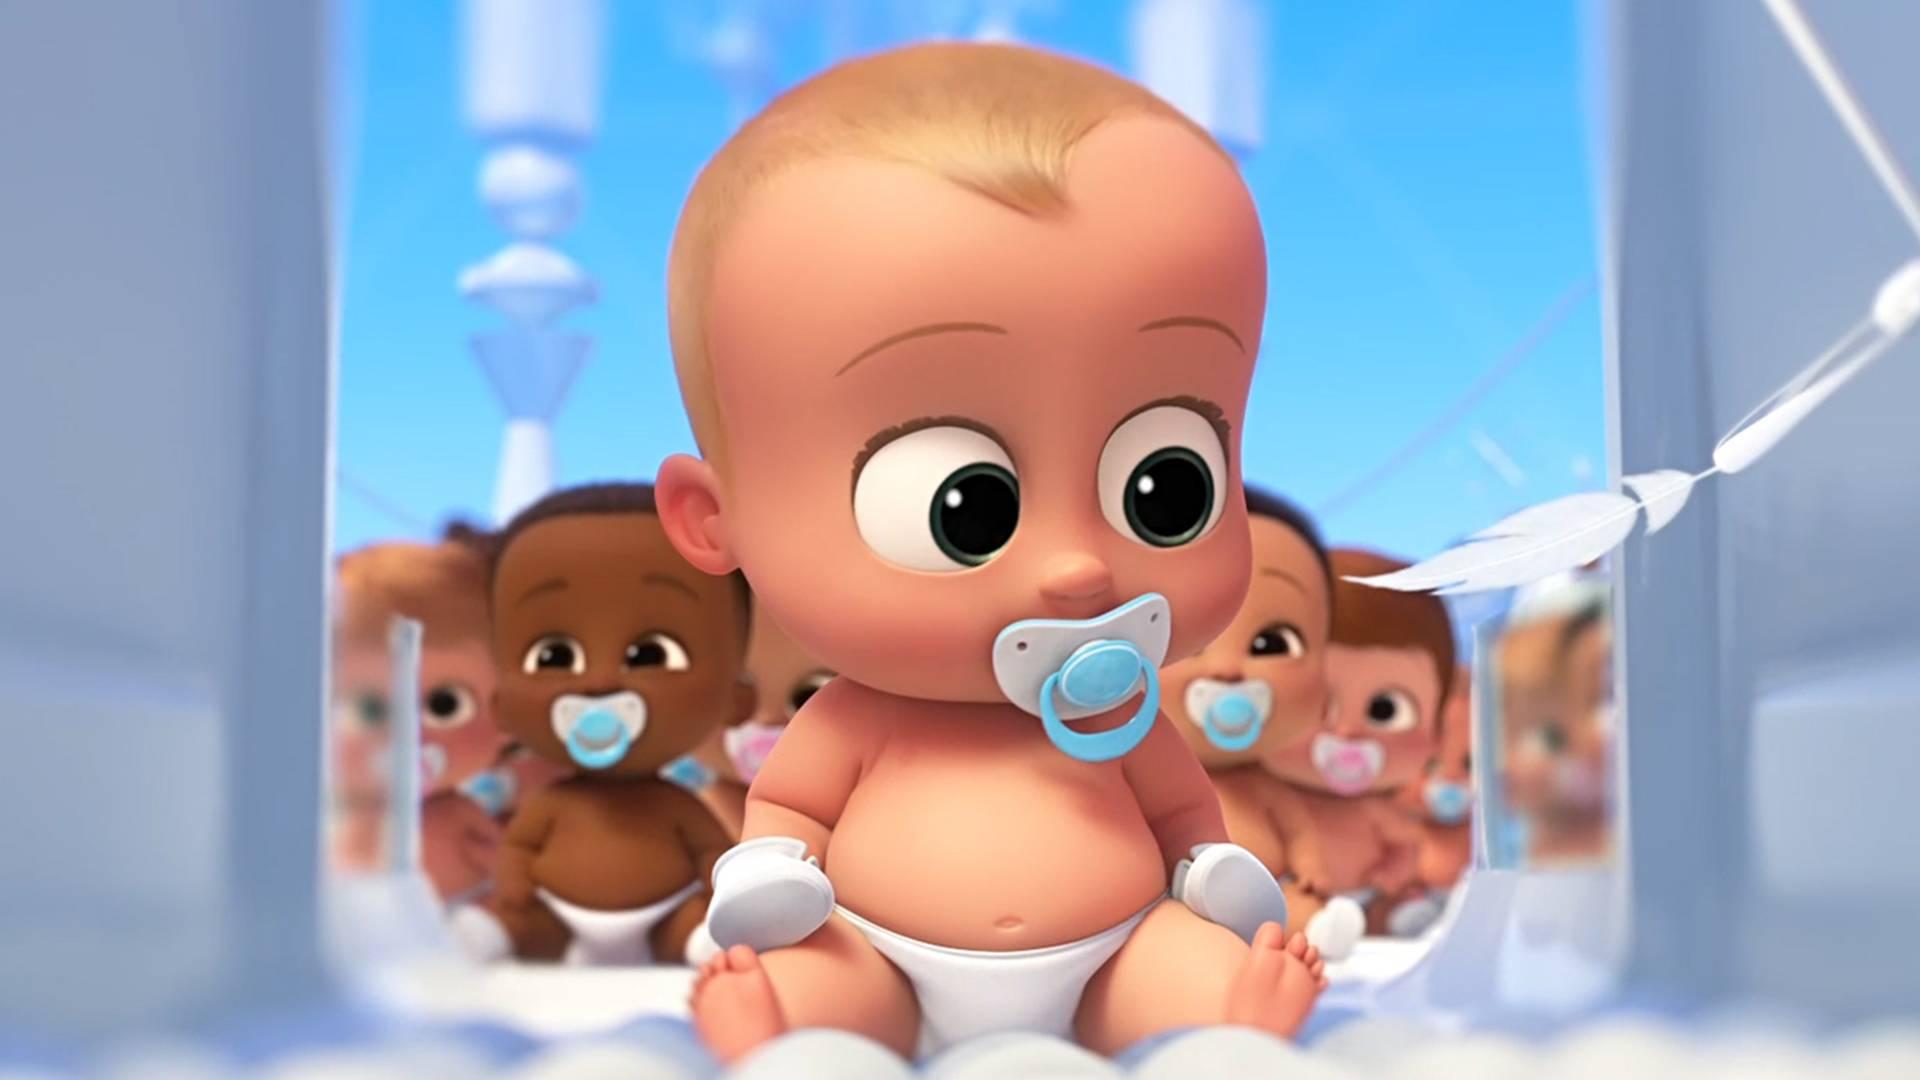 未来世界宝宝在流水线生产,人类不再生小孩,一部搞笑宝宝电影